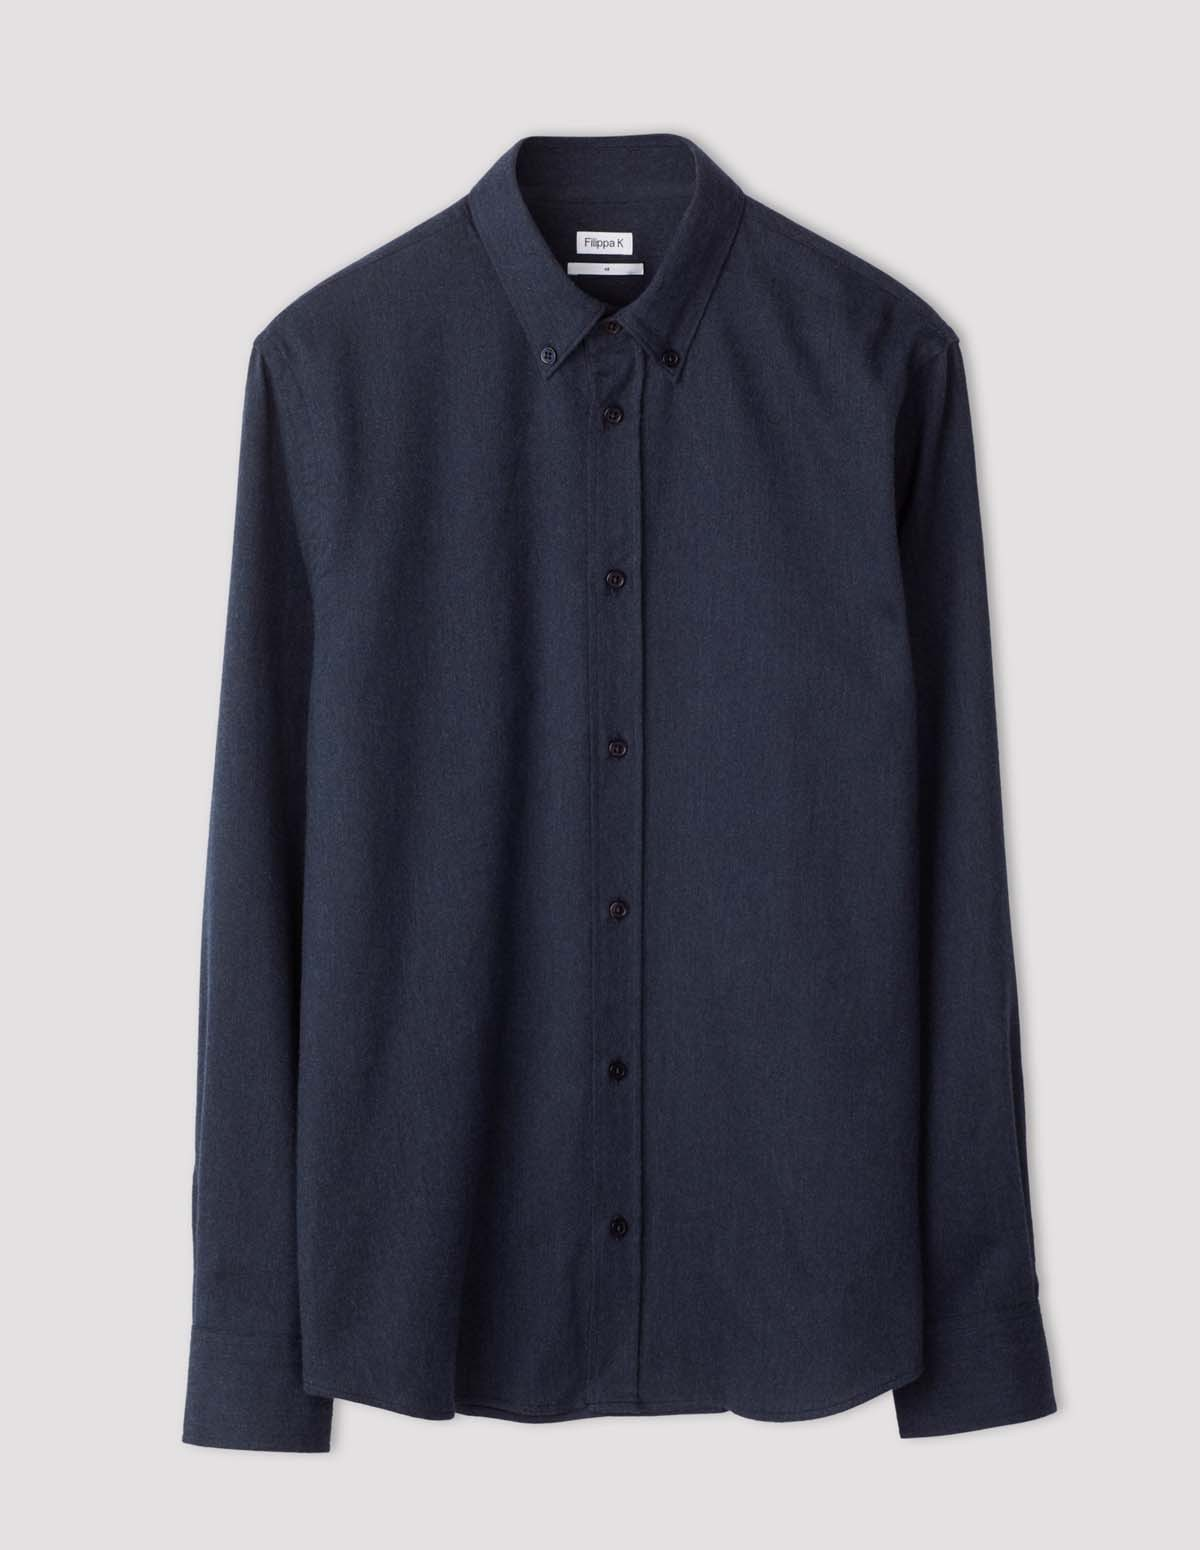 Fk Lewis Flannel Shirt - DARK BLUE